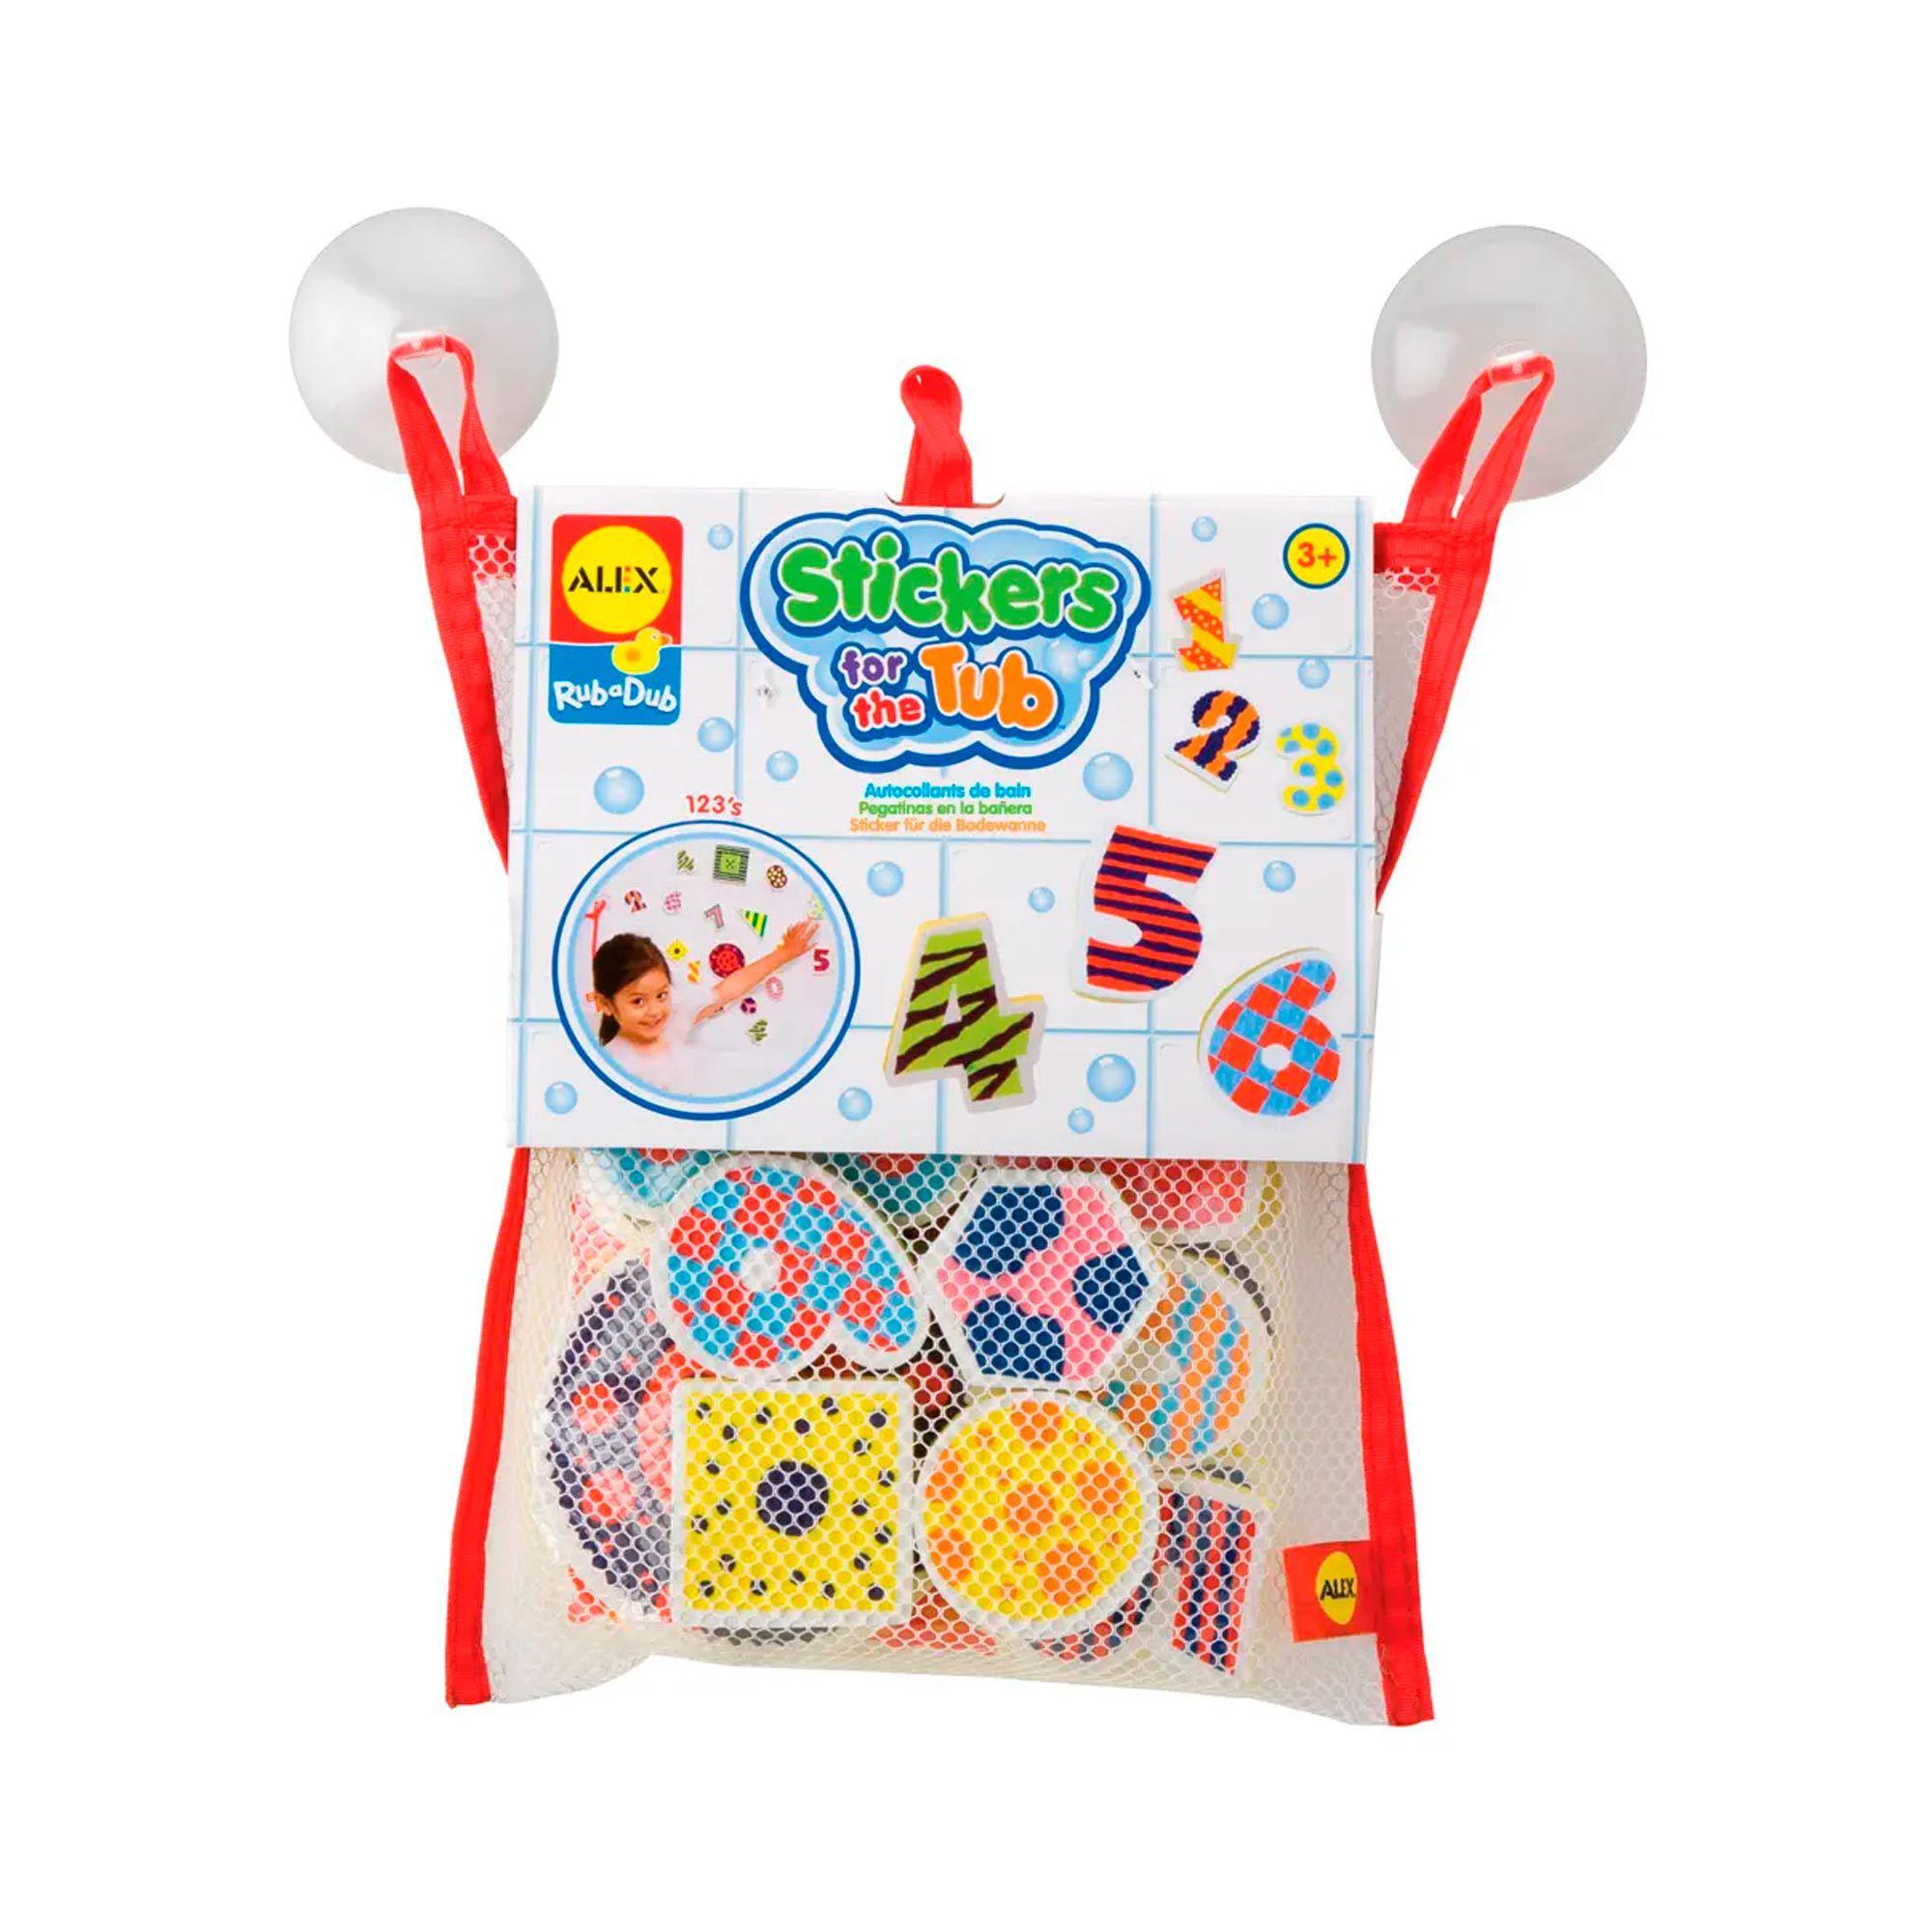 Brinquedos Para Banheira Números - Formas - Bath Scene Number - Shapes